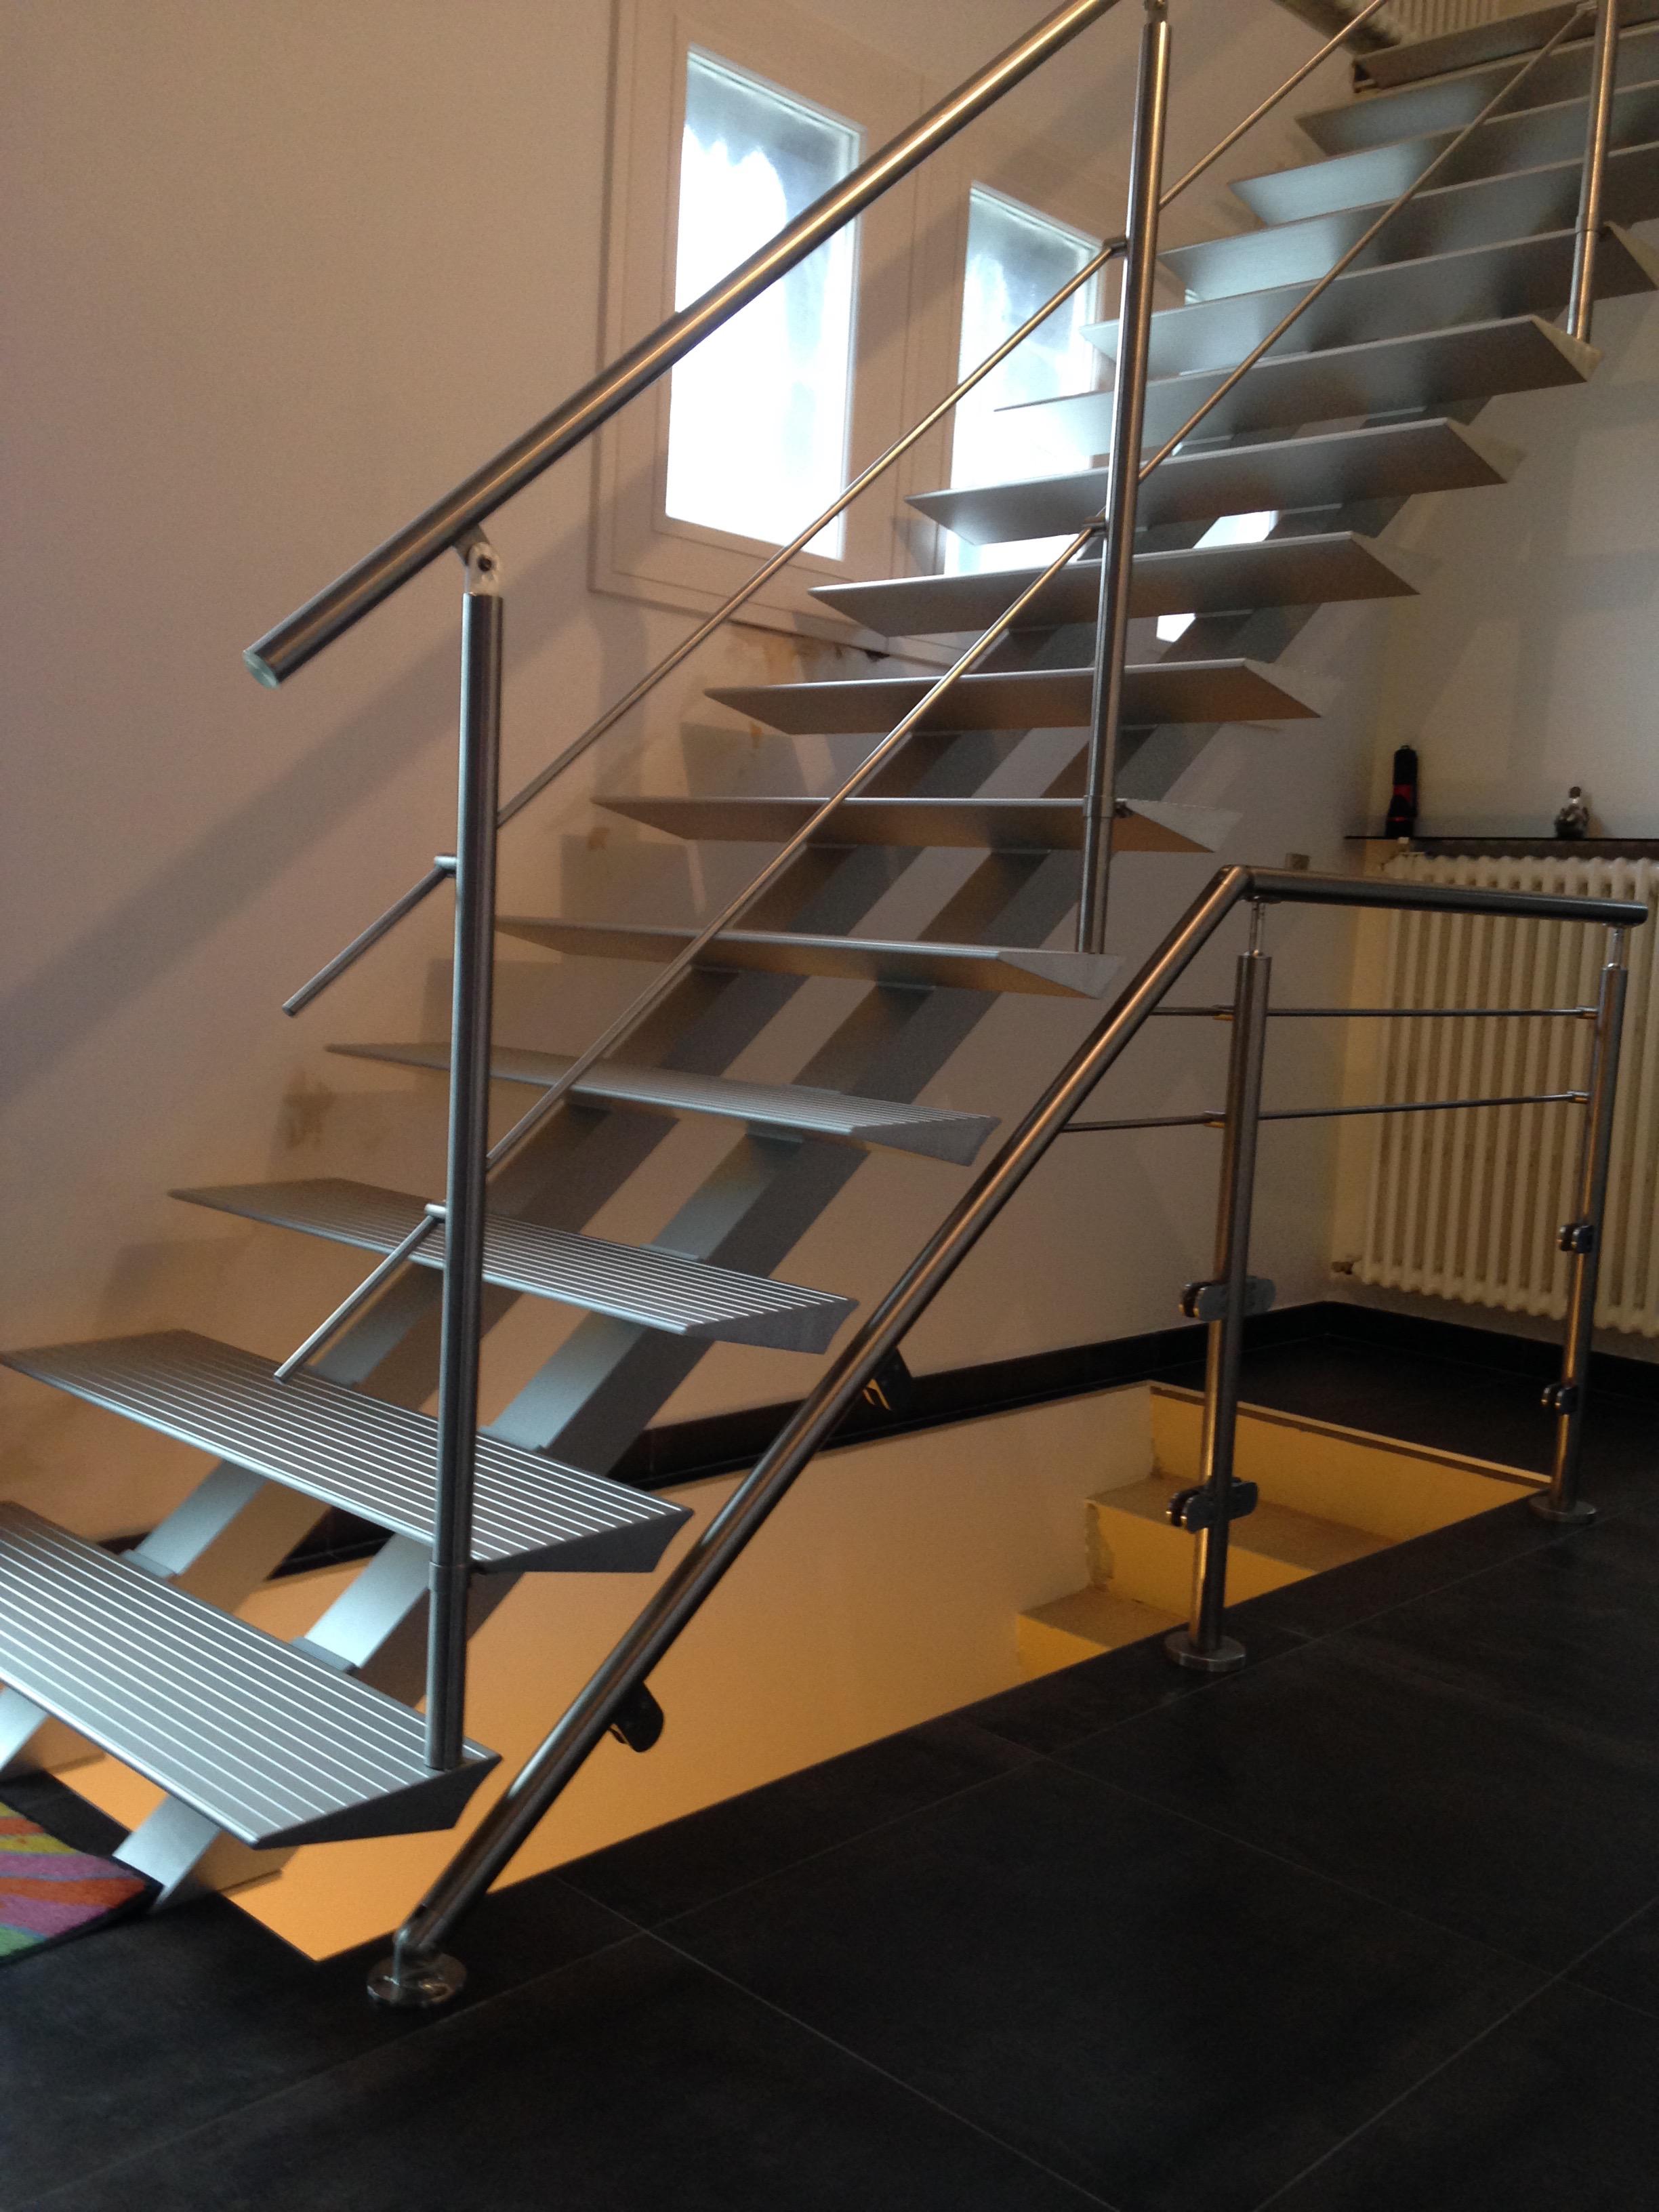 escaliers fabricant de garde corps sur mesure en haute savoie fabricant escalier design sur. Black Bedroom Furniture Sets. Home Design Ideas